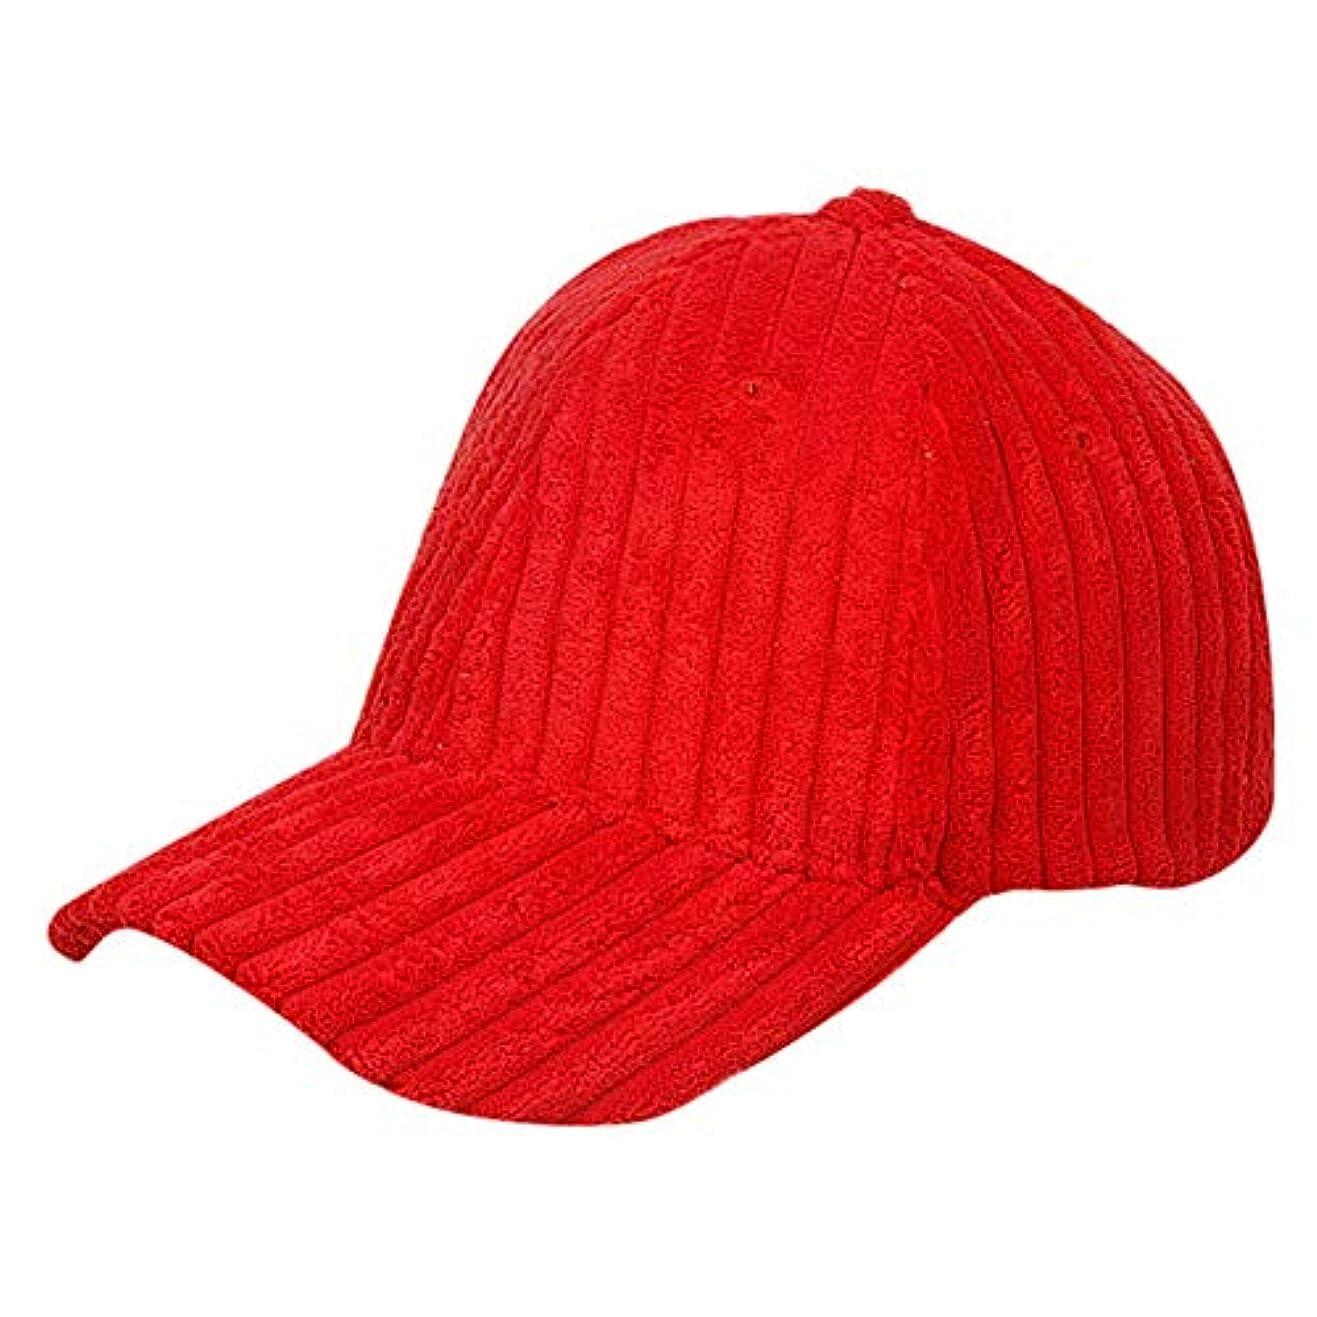 松シャッター感謝Racazing Cap コーデュロイ 野球帽 迷彩 冬 登山 通気性のある メッシュ 帽子 ベルクロ 可調整可能 ストライプ 刺繍 棒球帽 UV 帽子 軽量 屋外 Unisex Hat (赤)